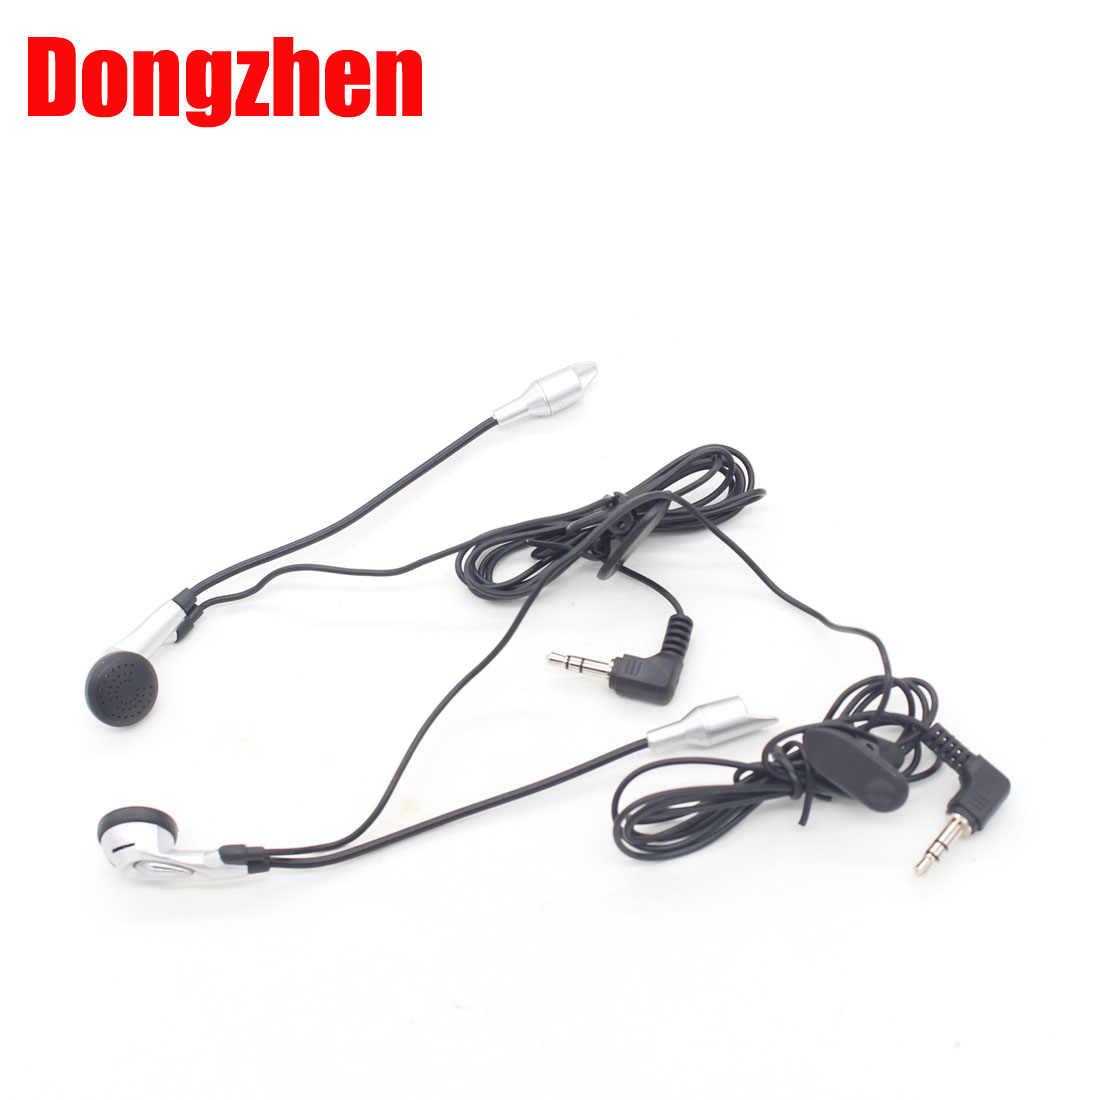 Dongzhen kompaktowy przewodowy Talkie przenośny zestaw słuchawkowy domofon motocykl słuchawki domofon dla jeźdźca kierowcy